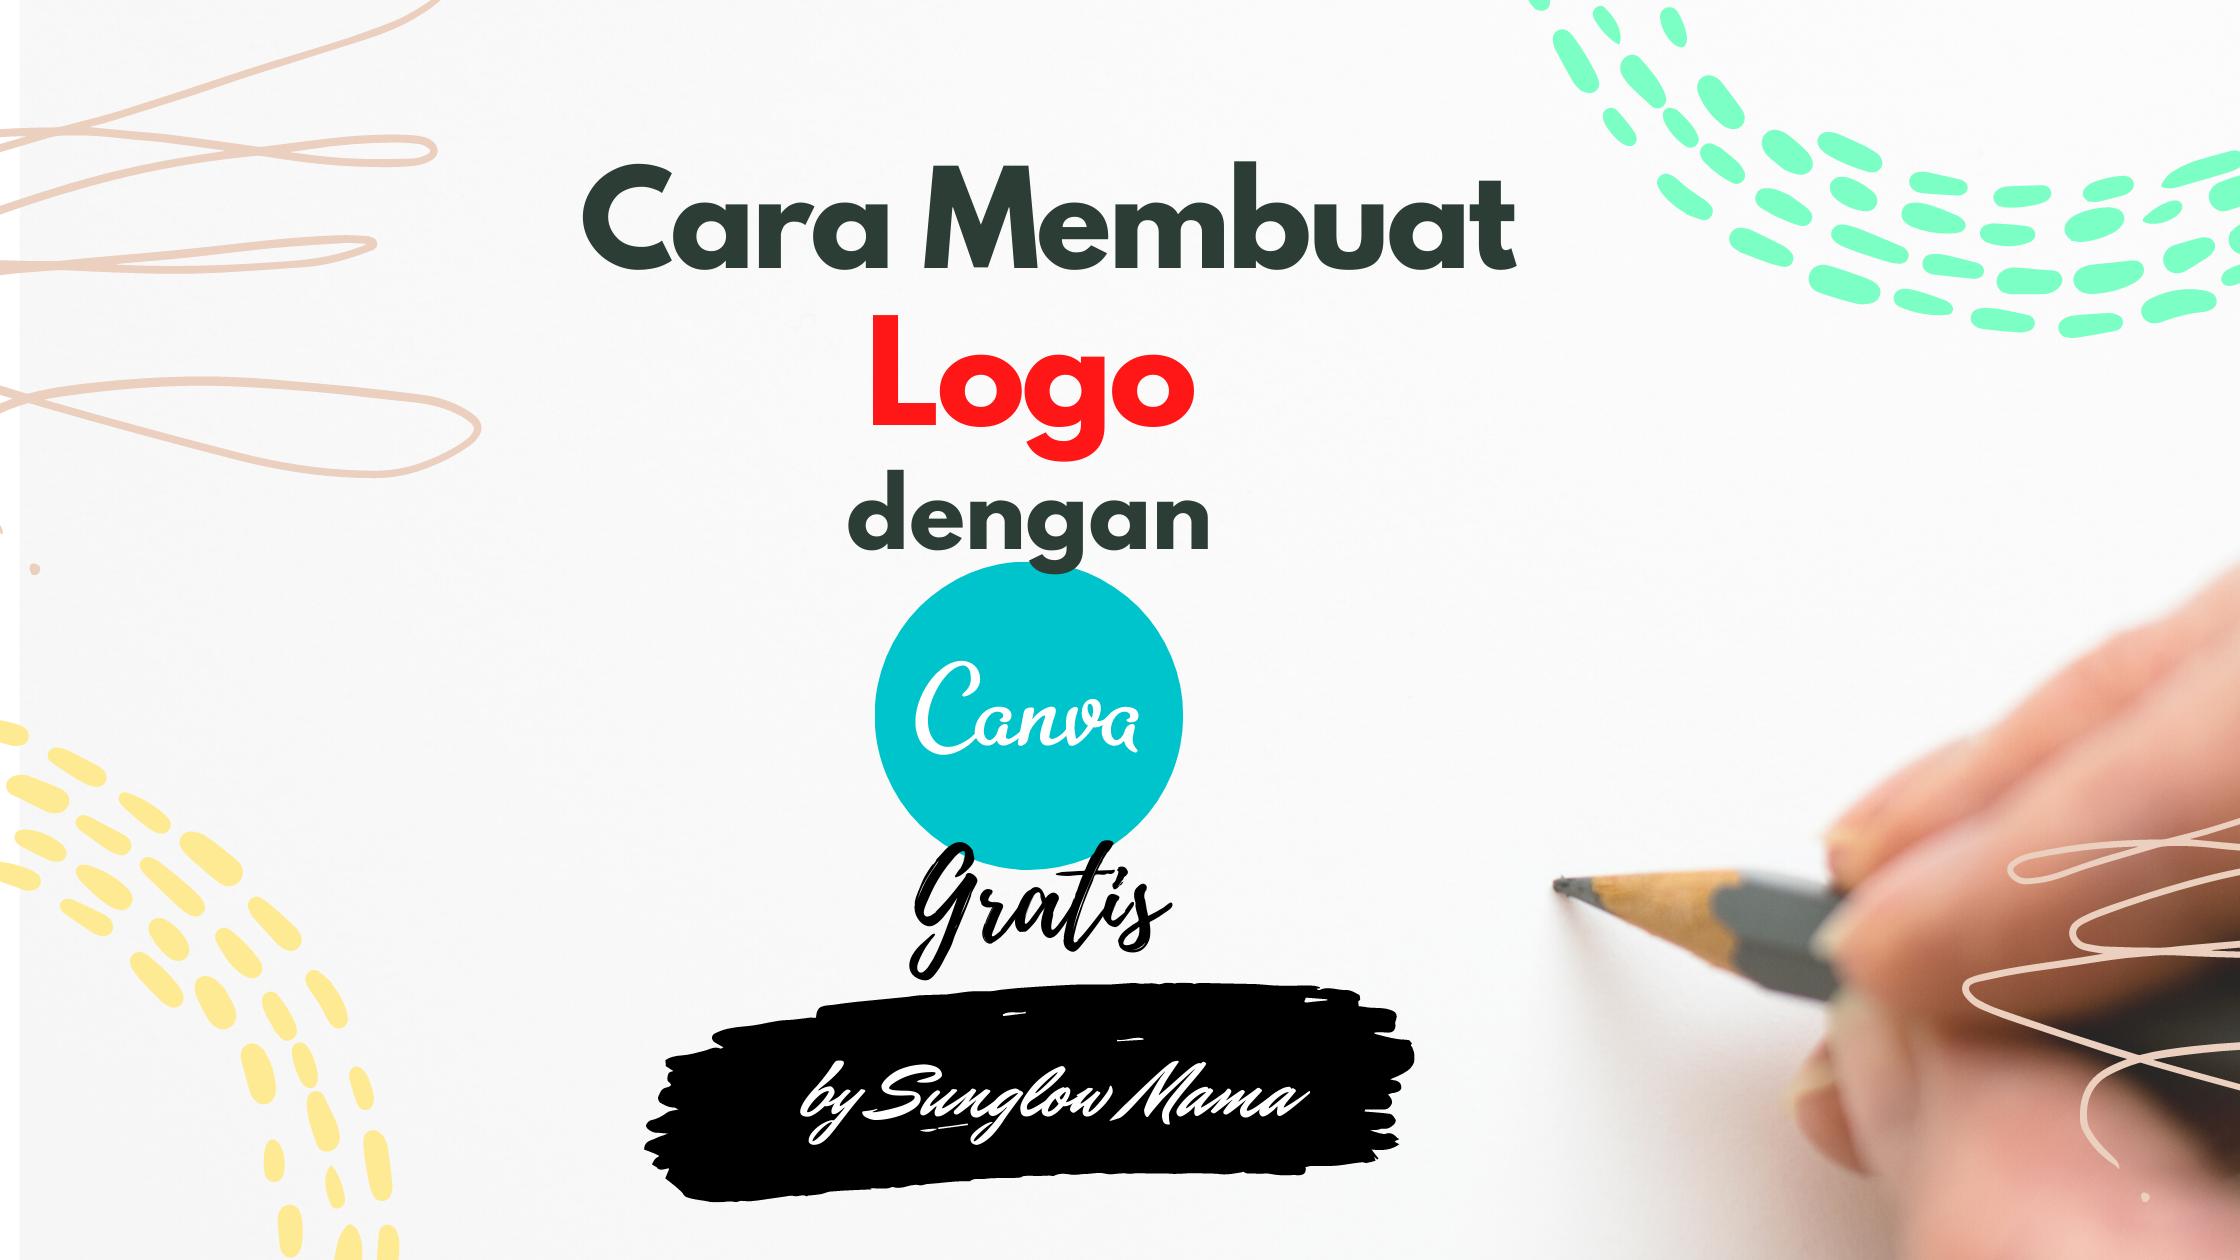 Cara Membuat Logo Dengan Canva Dengan Gratis